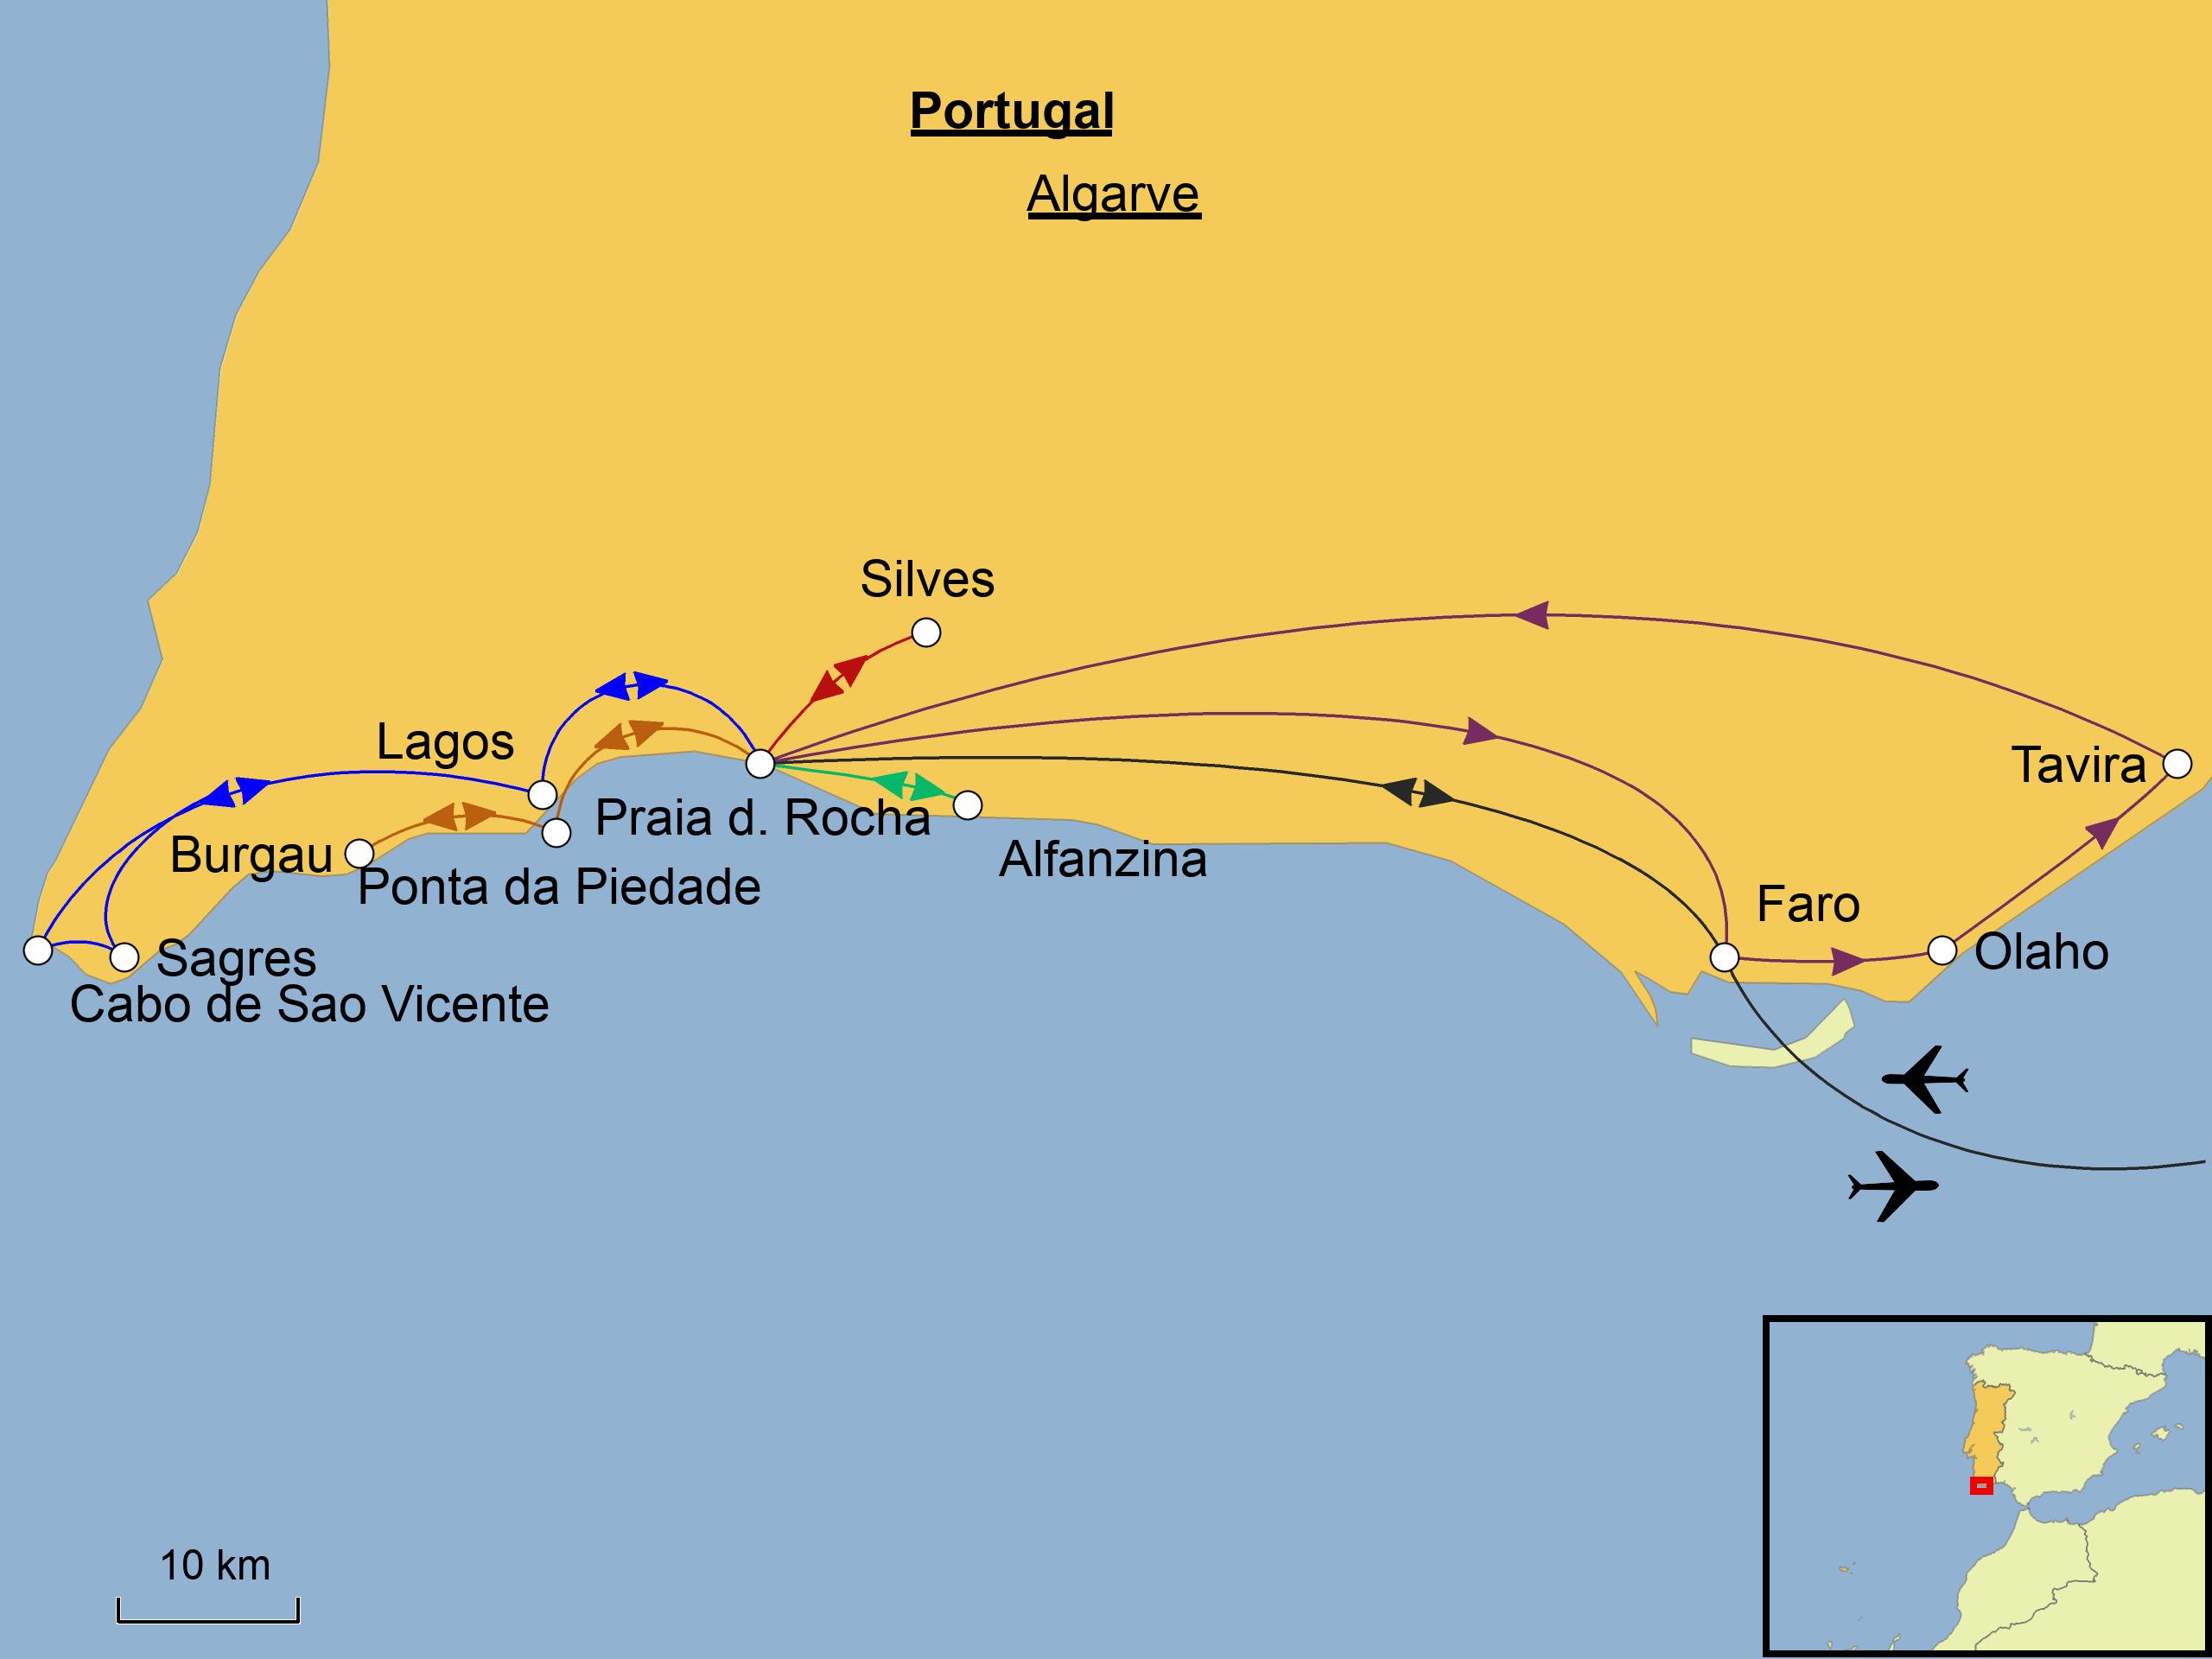 Flughafen Algarve Karte.Algarve